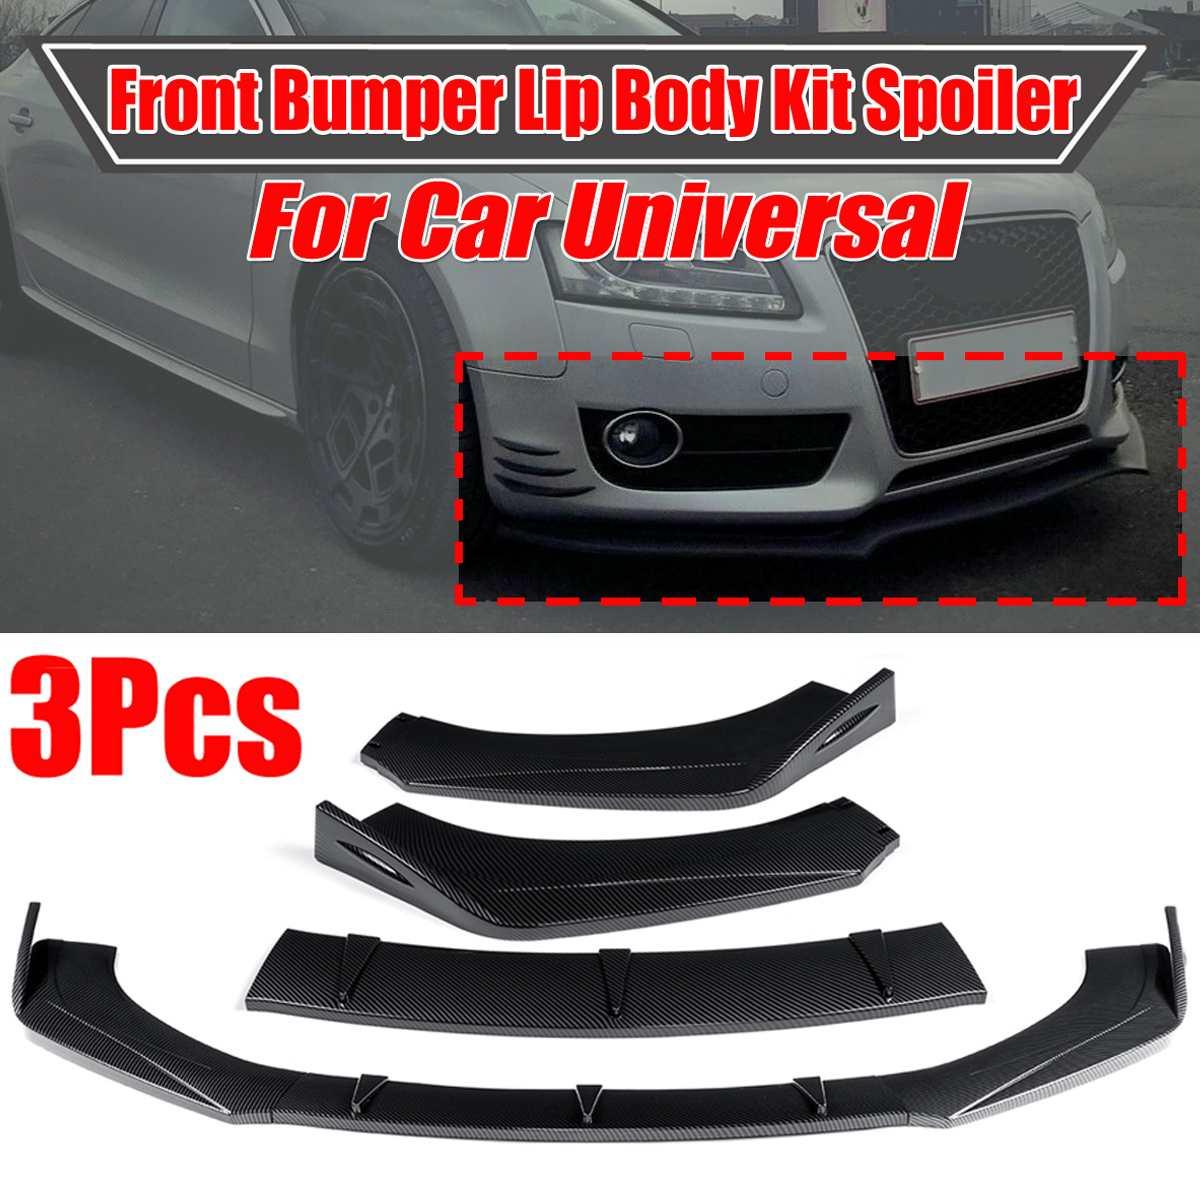 חדש אוניברסלי רכב קדמי פגוש ספליטר שפתיים גוף ערכת ספוילר מפזר לאאודי A5 Sline S5 RS5 09-16 עבור BMW לנץ עבור Mazad